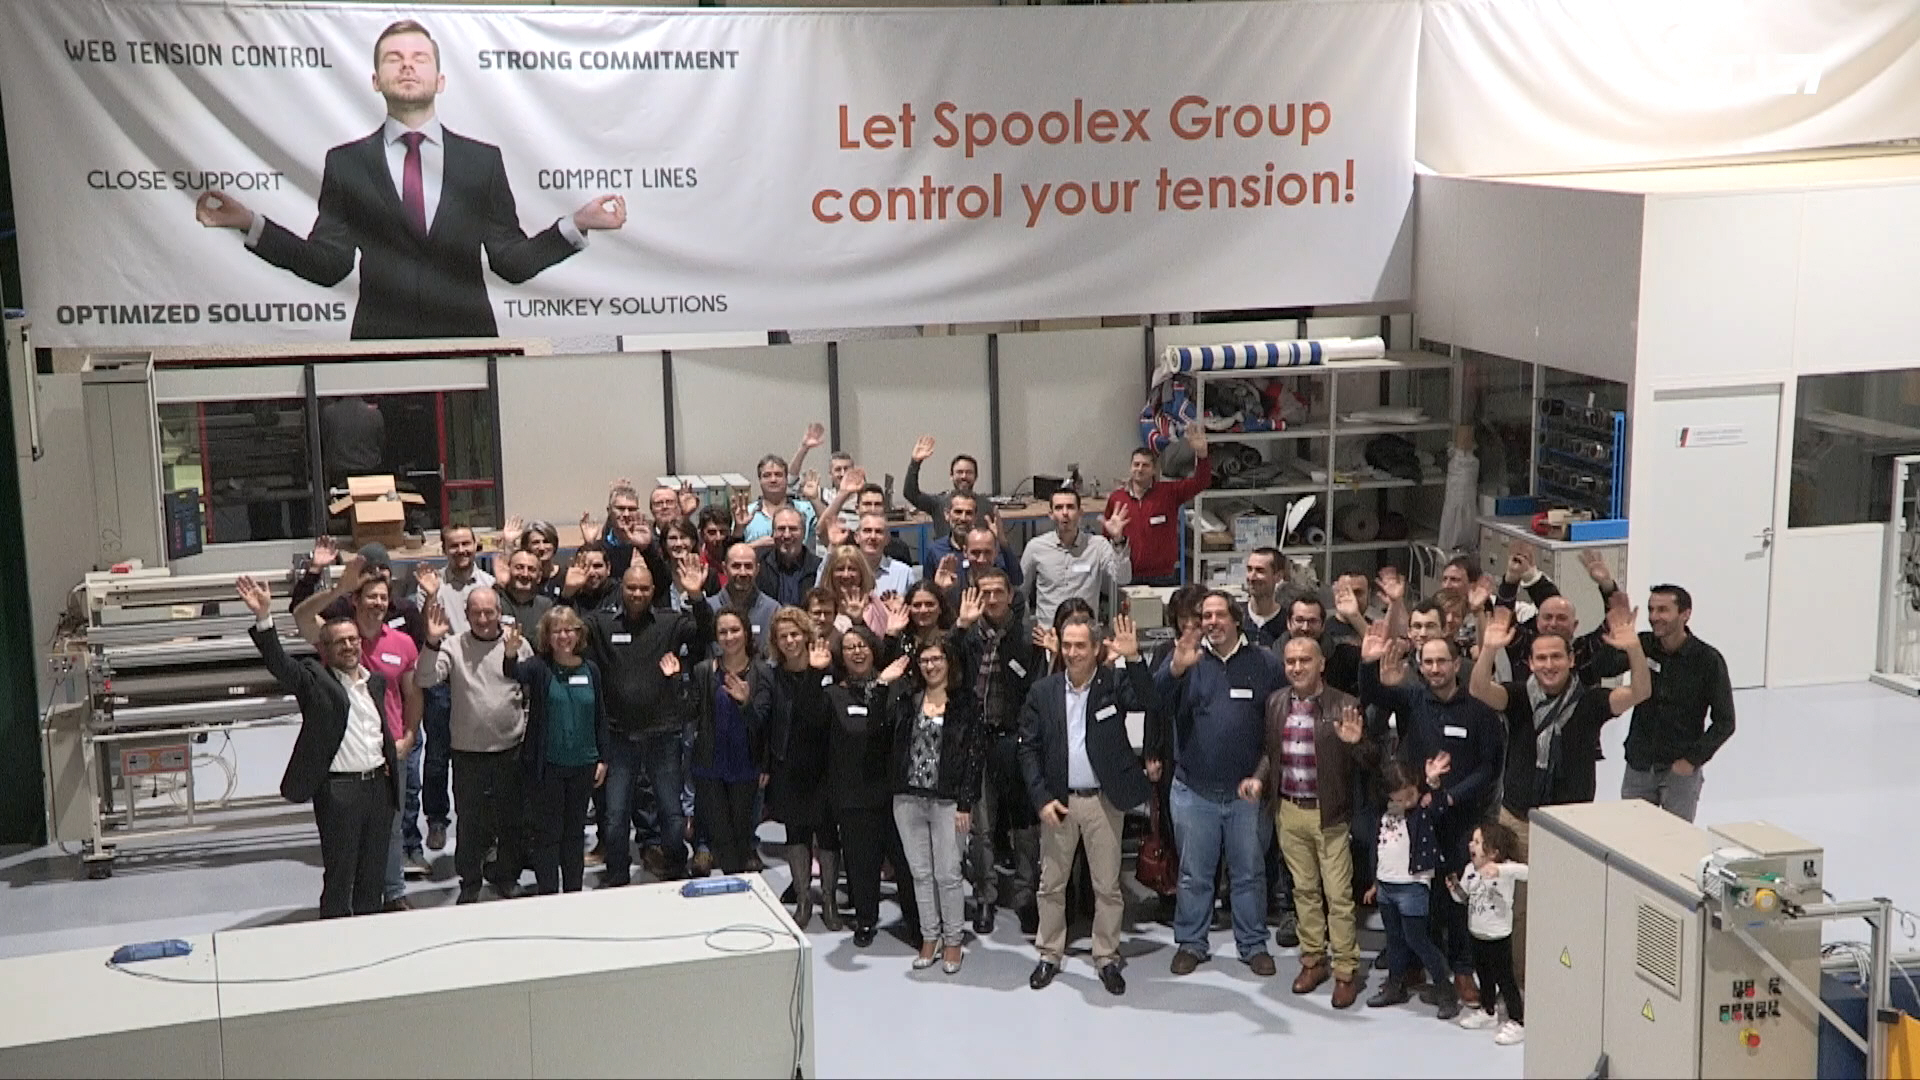 L'équipe Spoolex Group